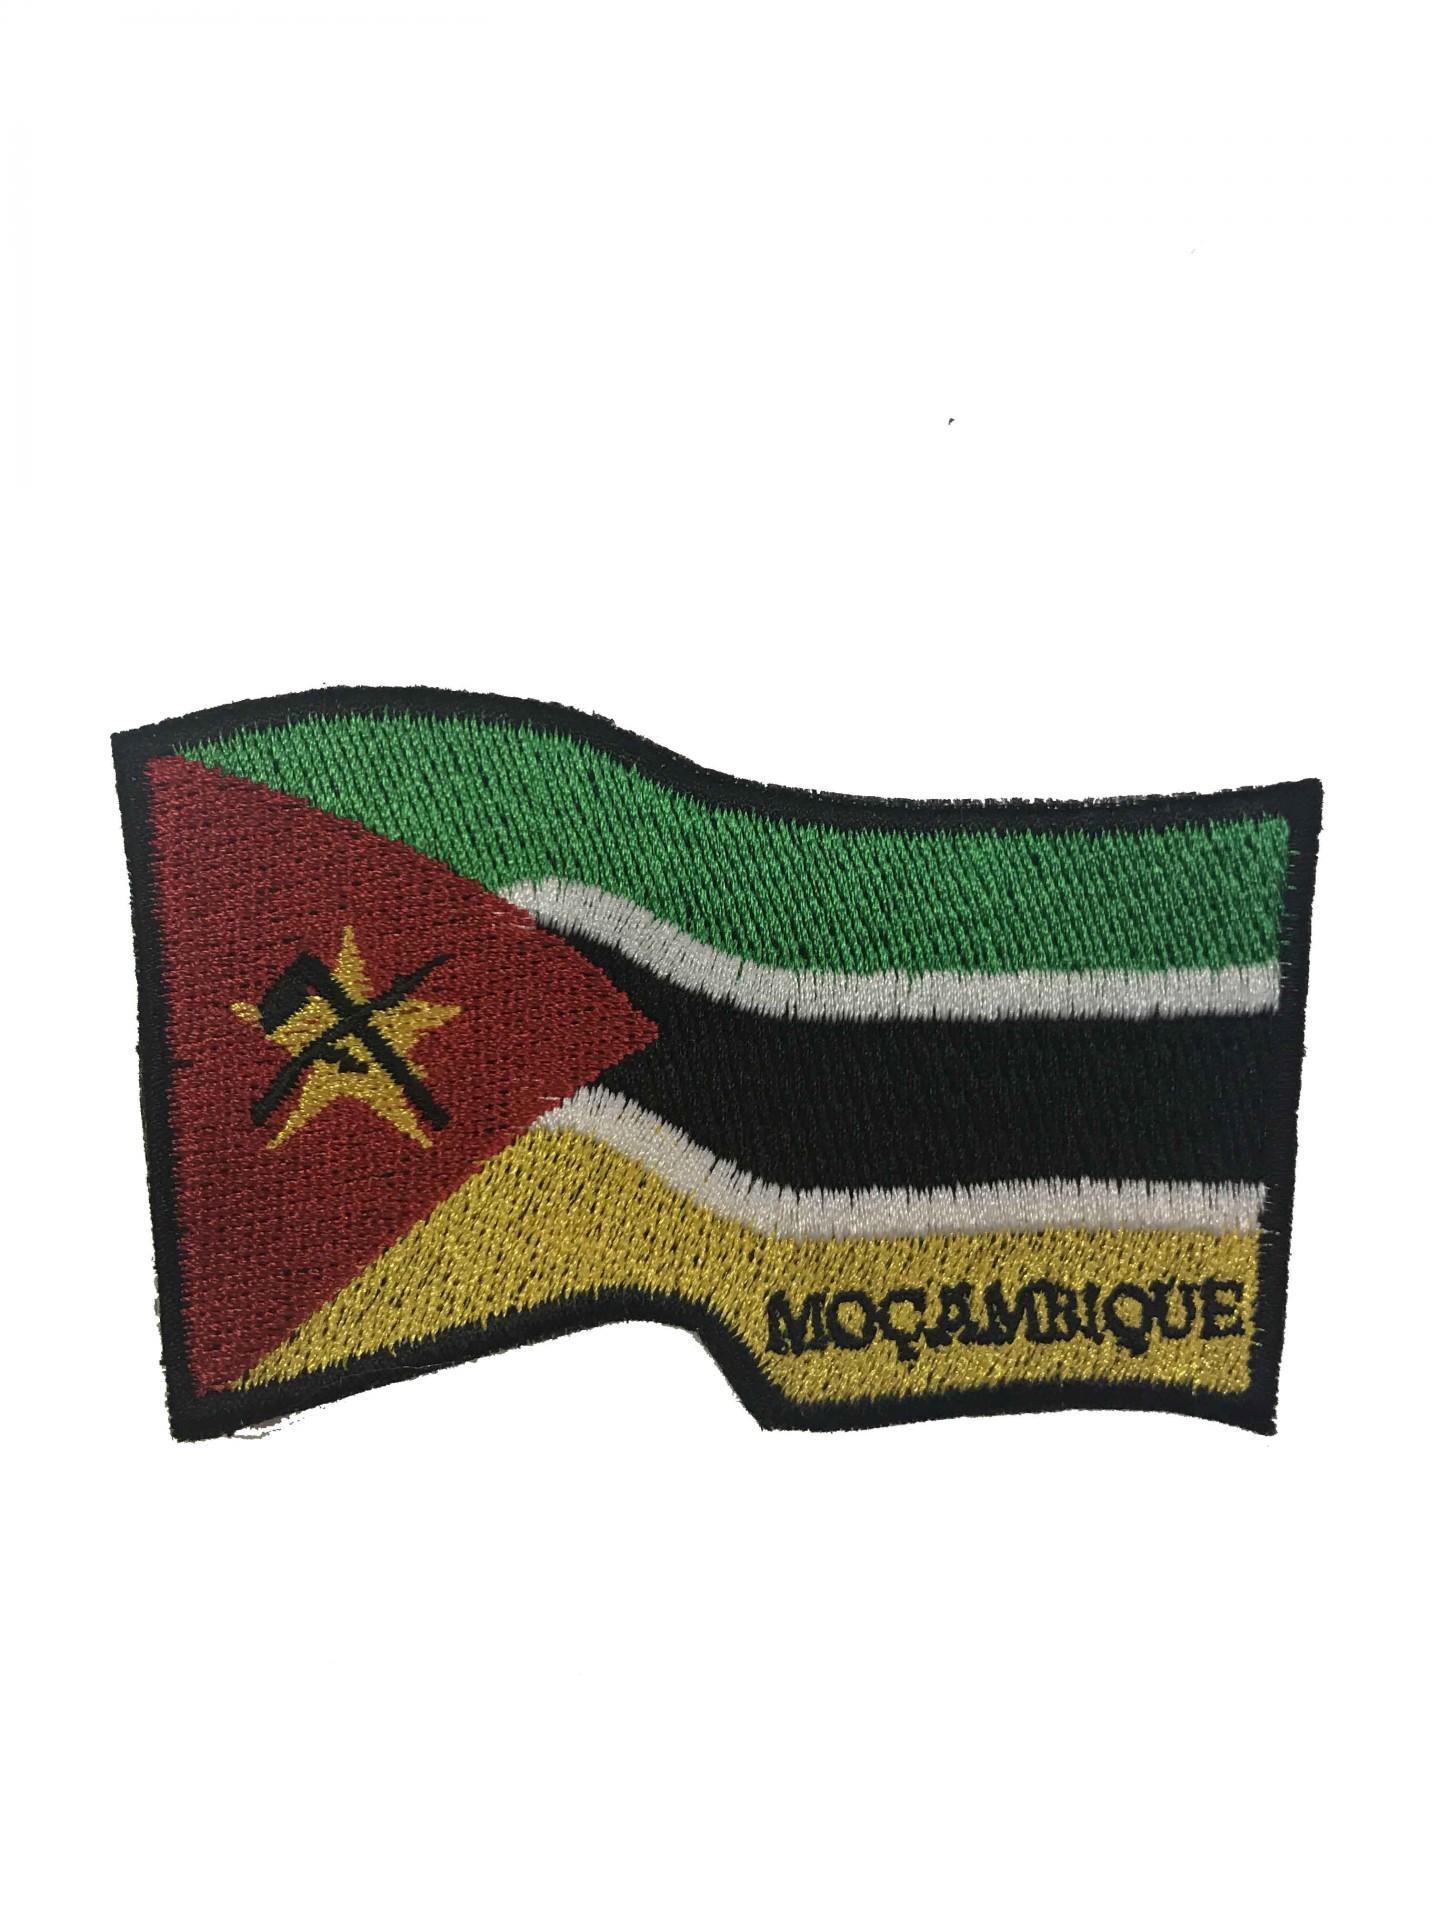 Emblema Moçambique